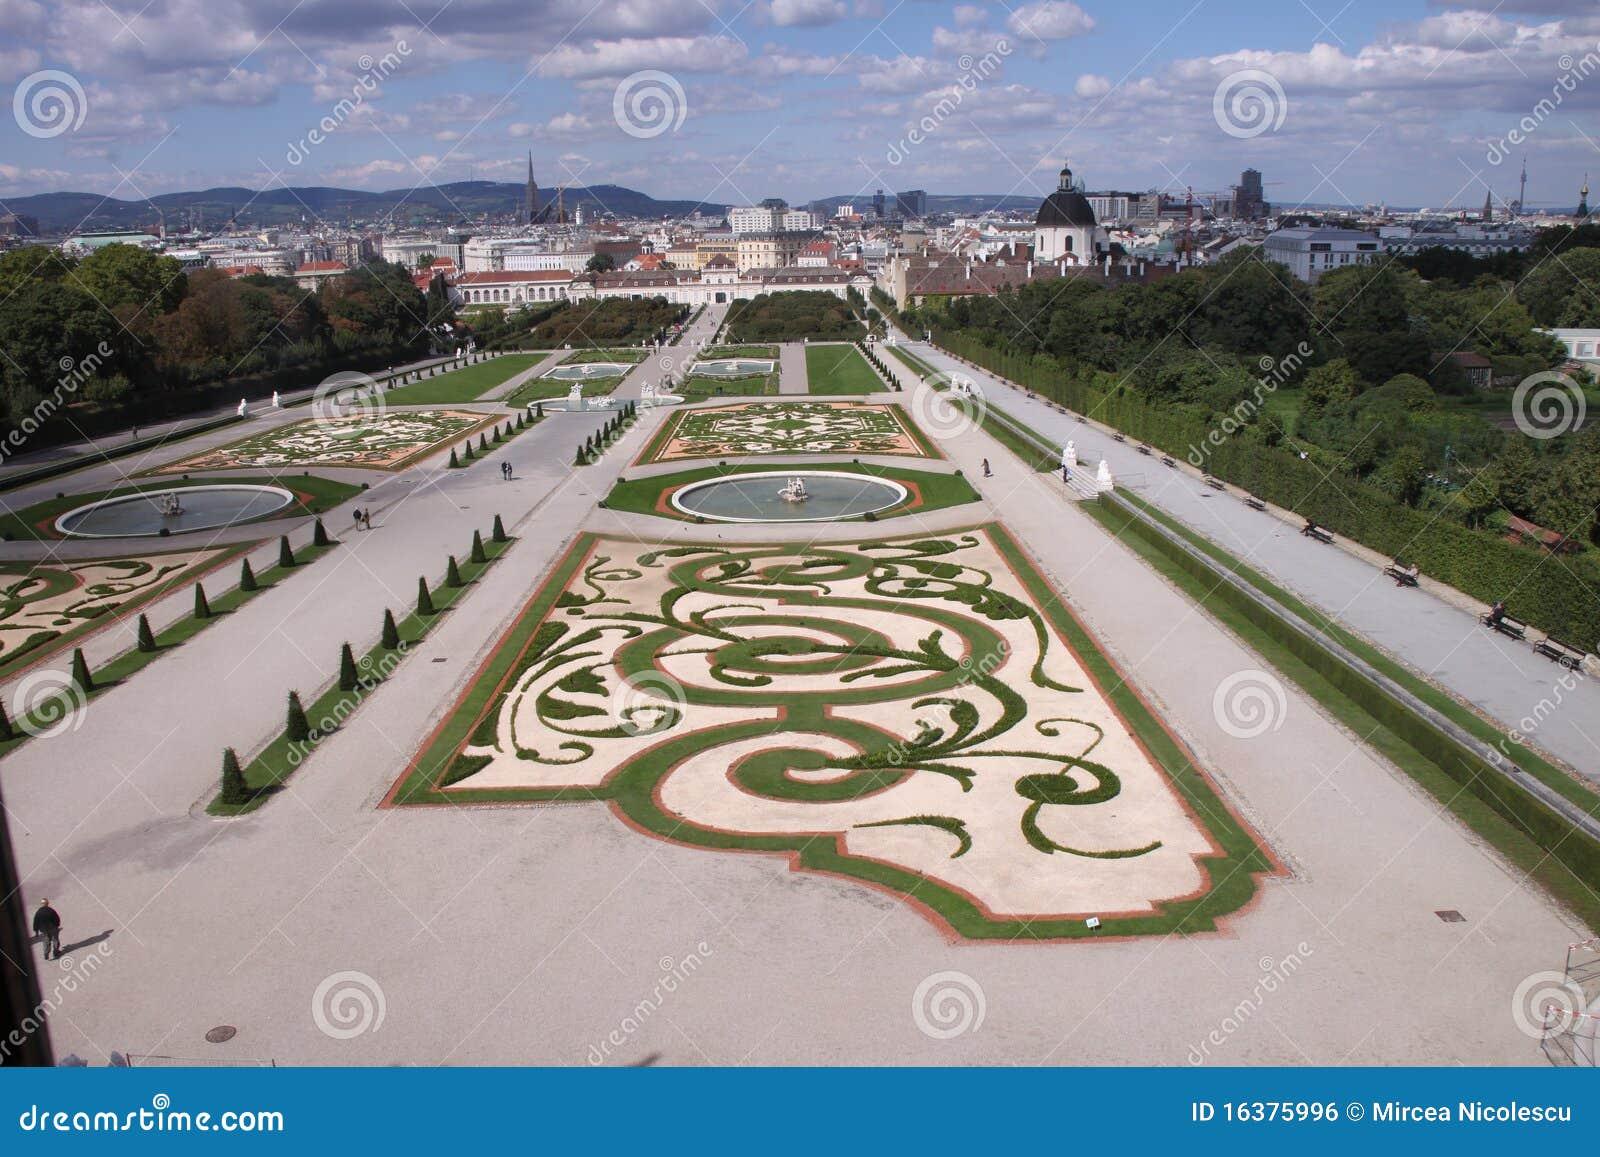 Parque do Belvedere